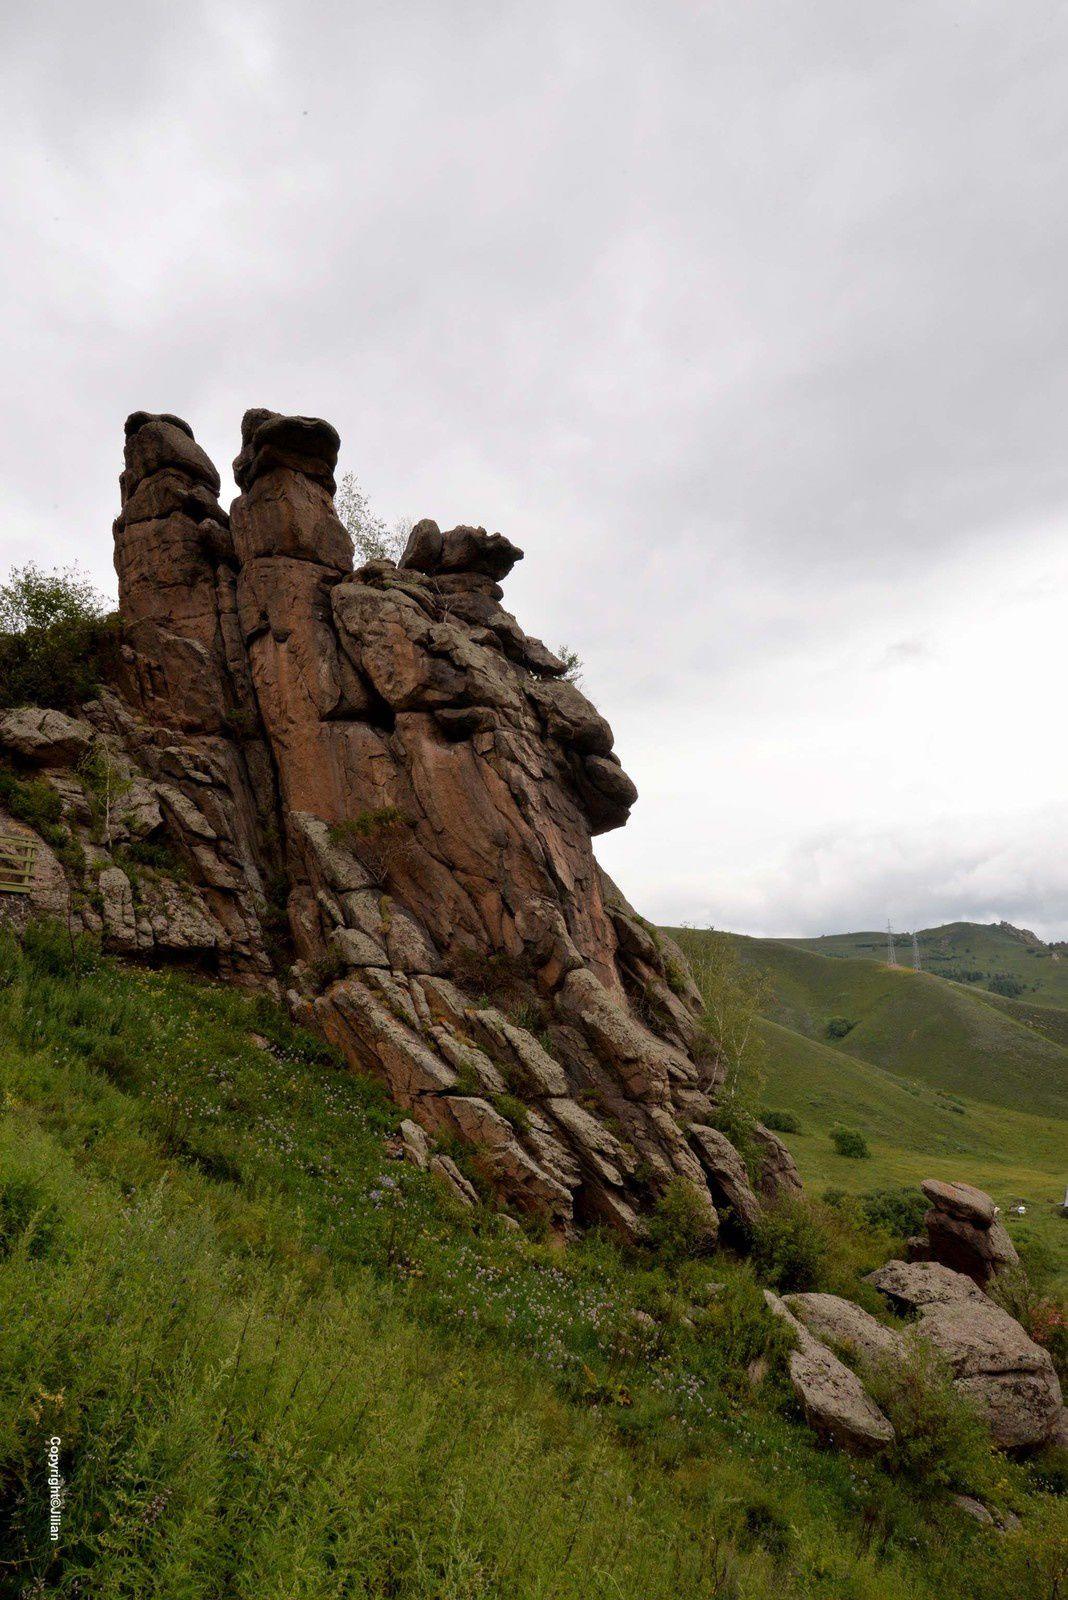 Mongolie intérieure : Arxan - 内蒙古 :阿尔山